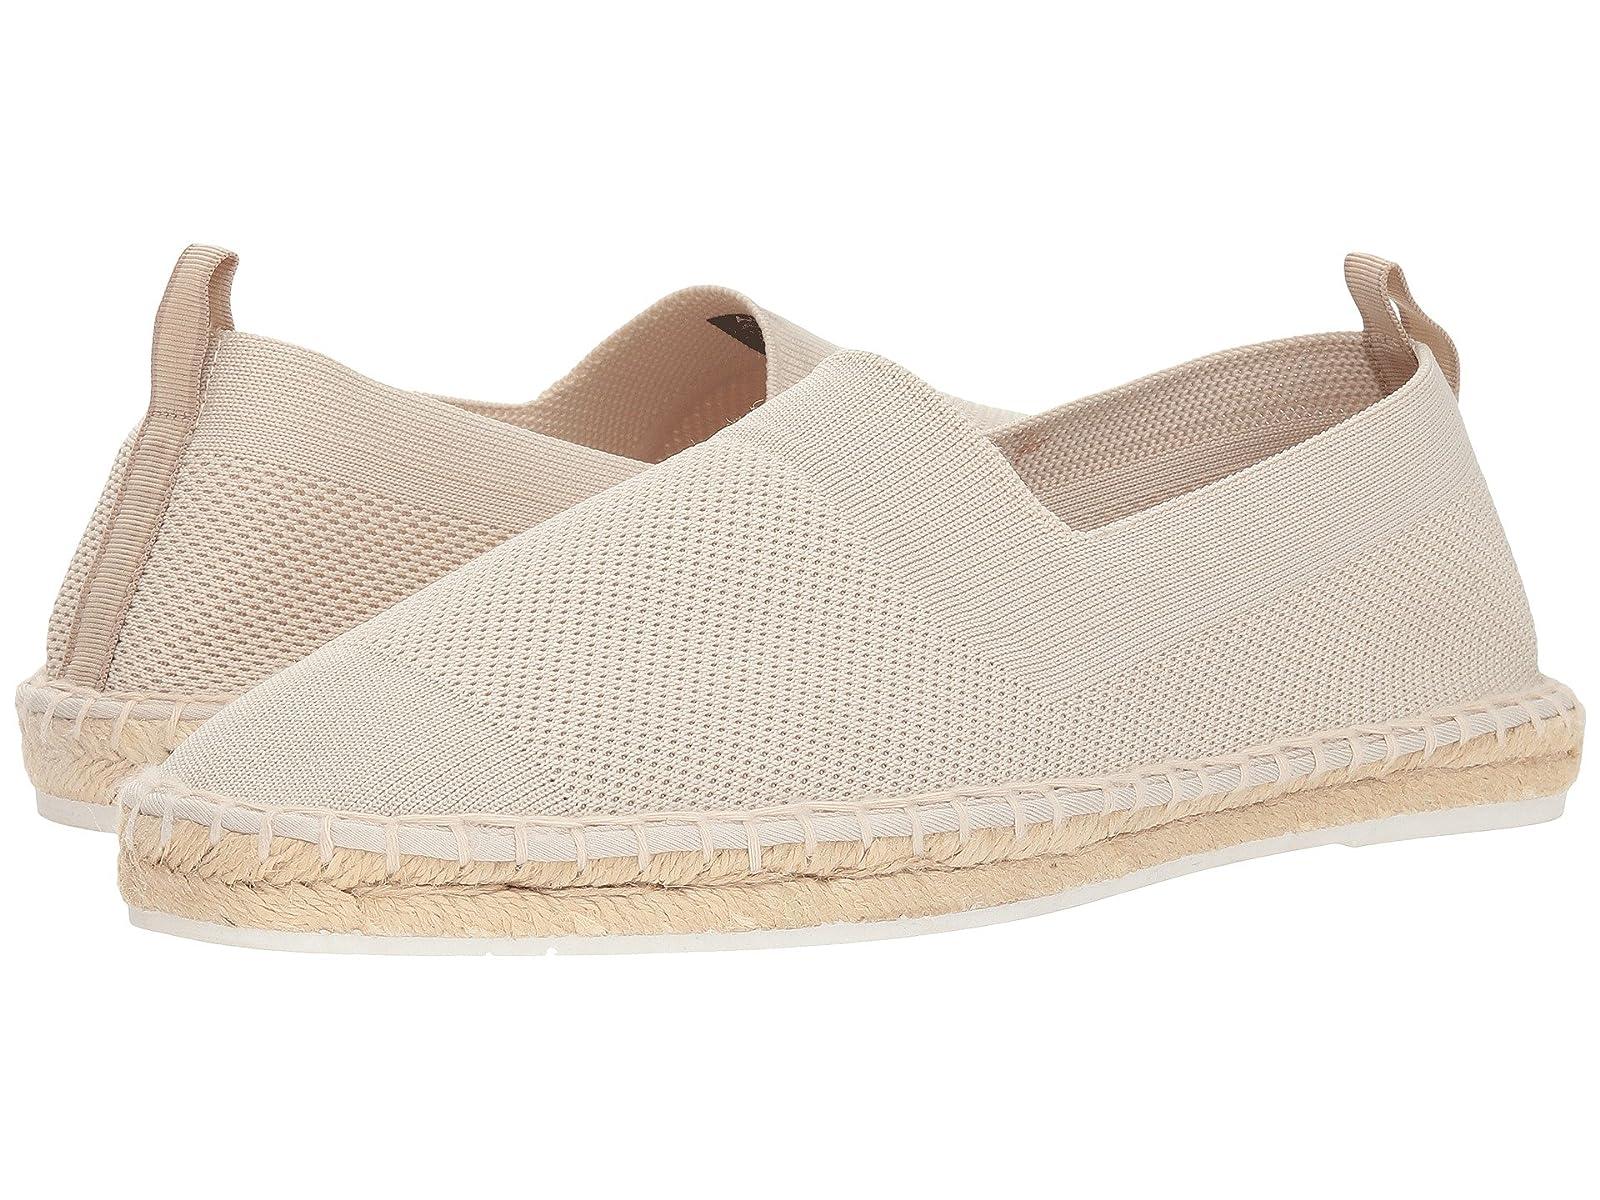 ALDO VilfredoAtmospheric grades have affordable shoes